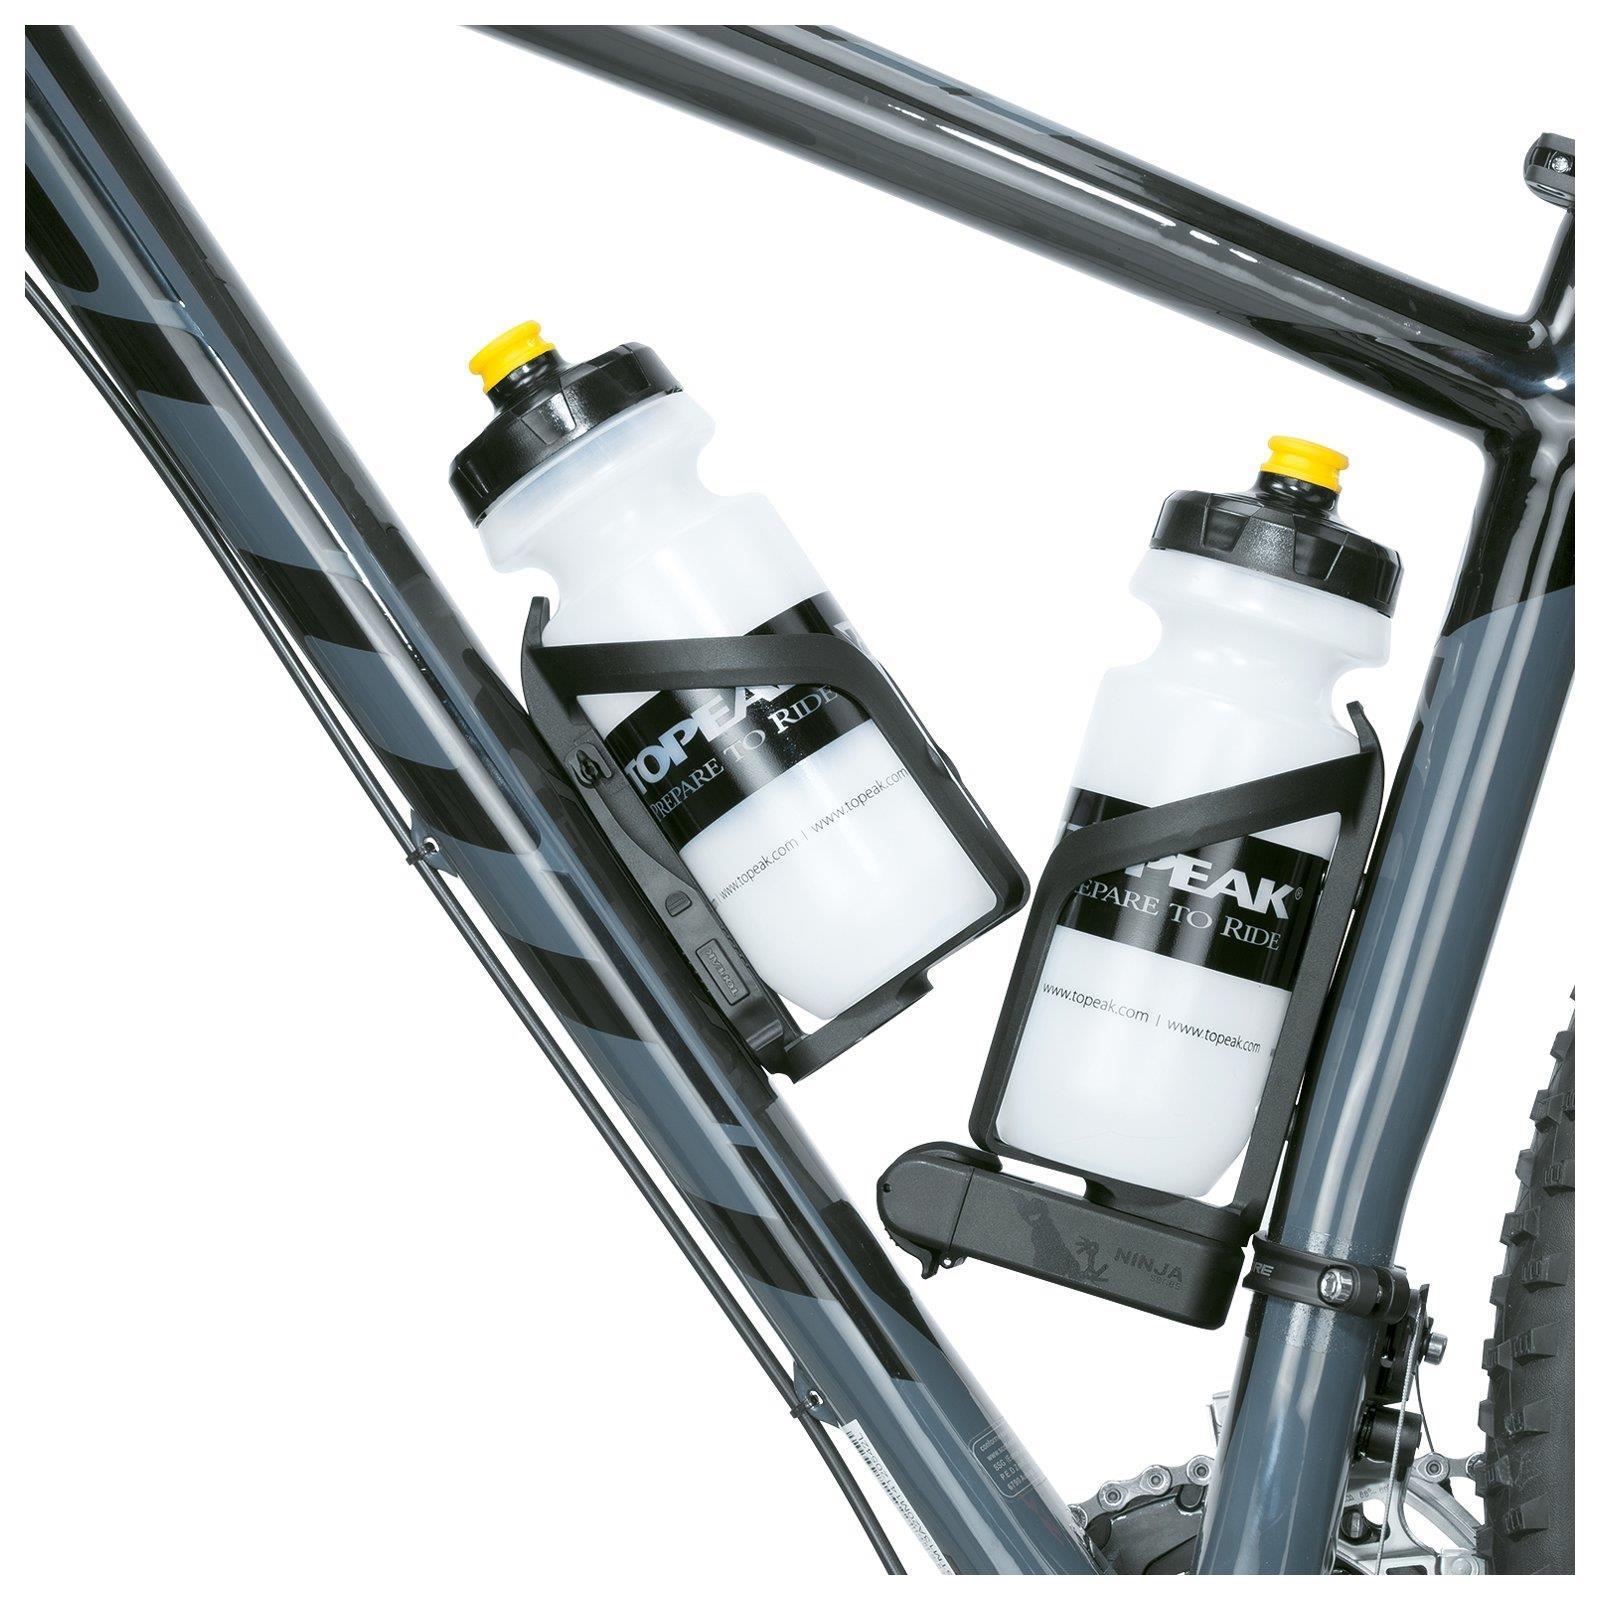 Topeak botellas soporte bicicleta botella marco soporte botella de agua agua agua Bike 85ca4e